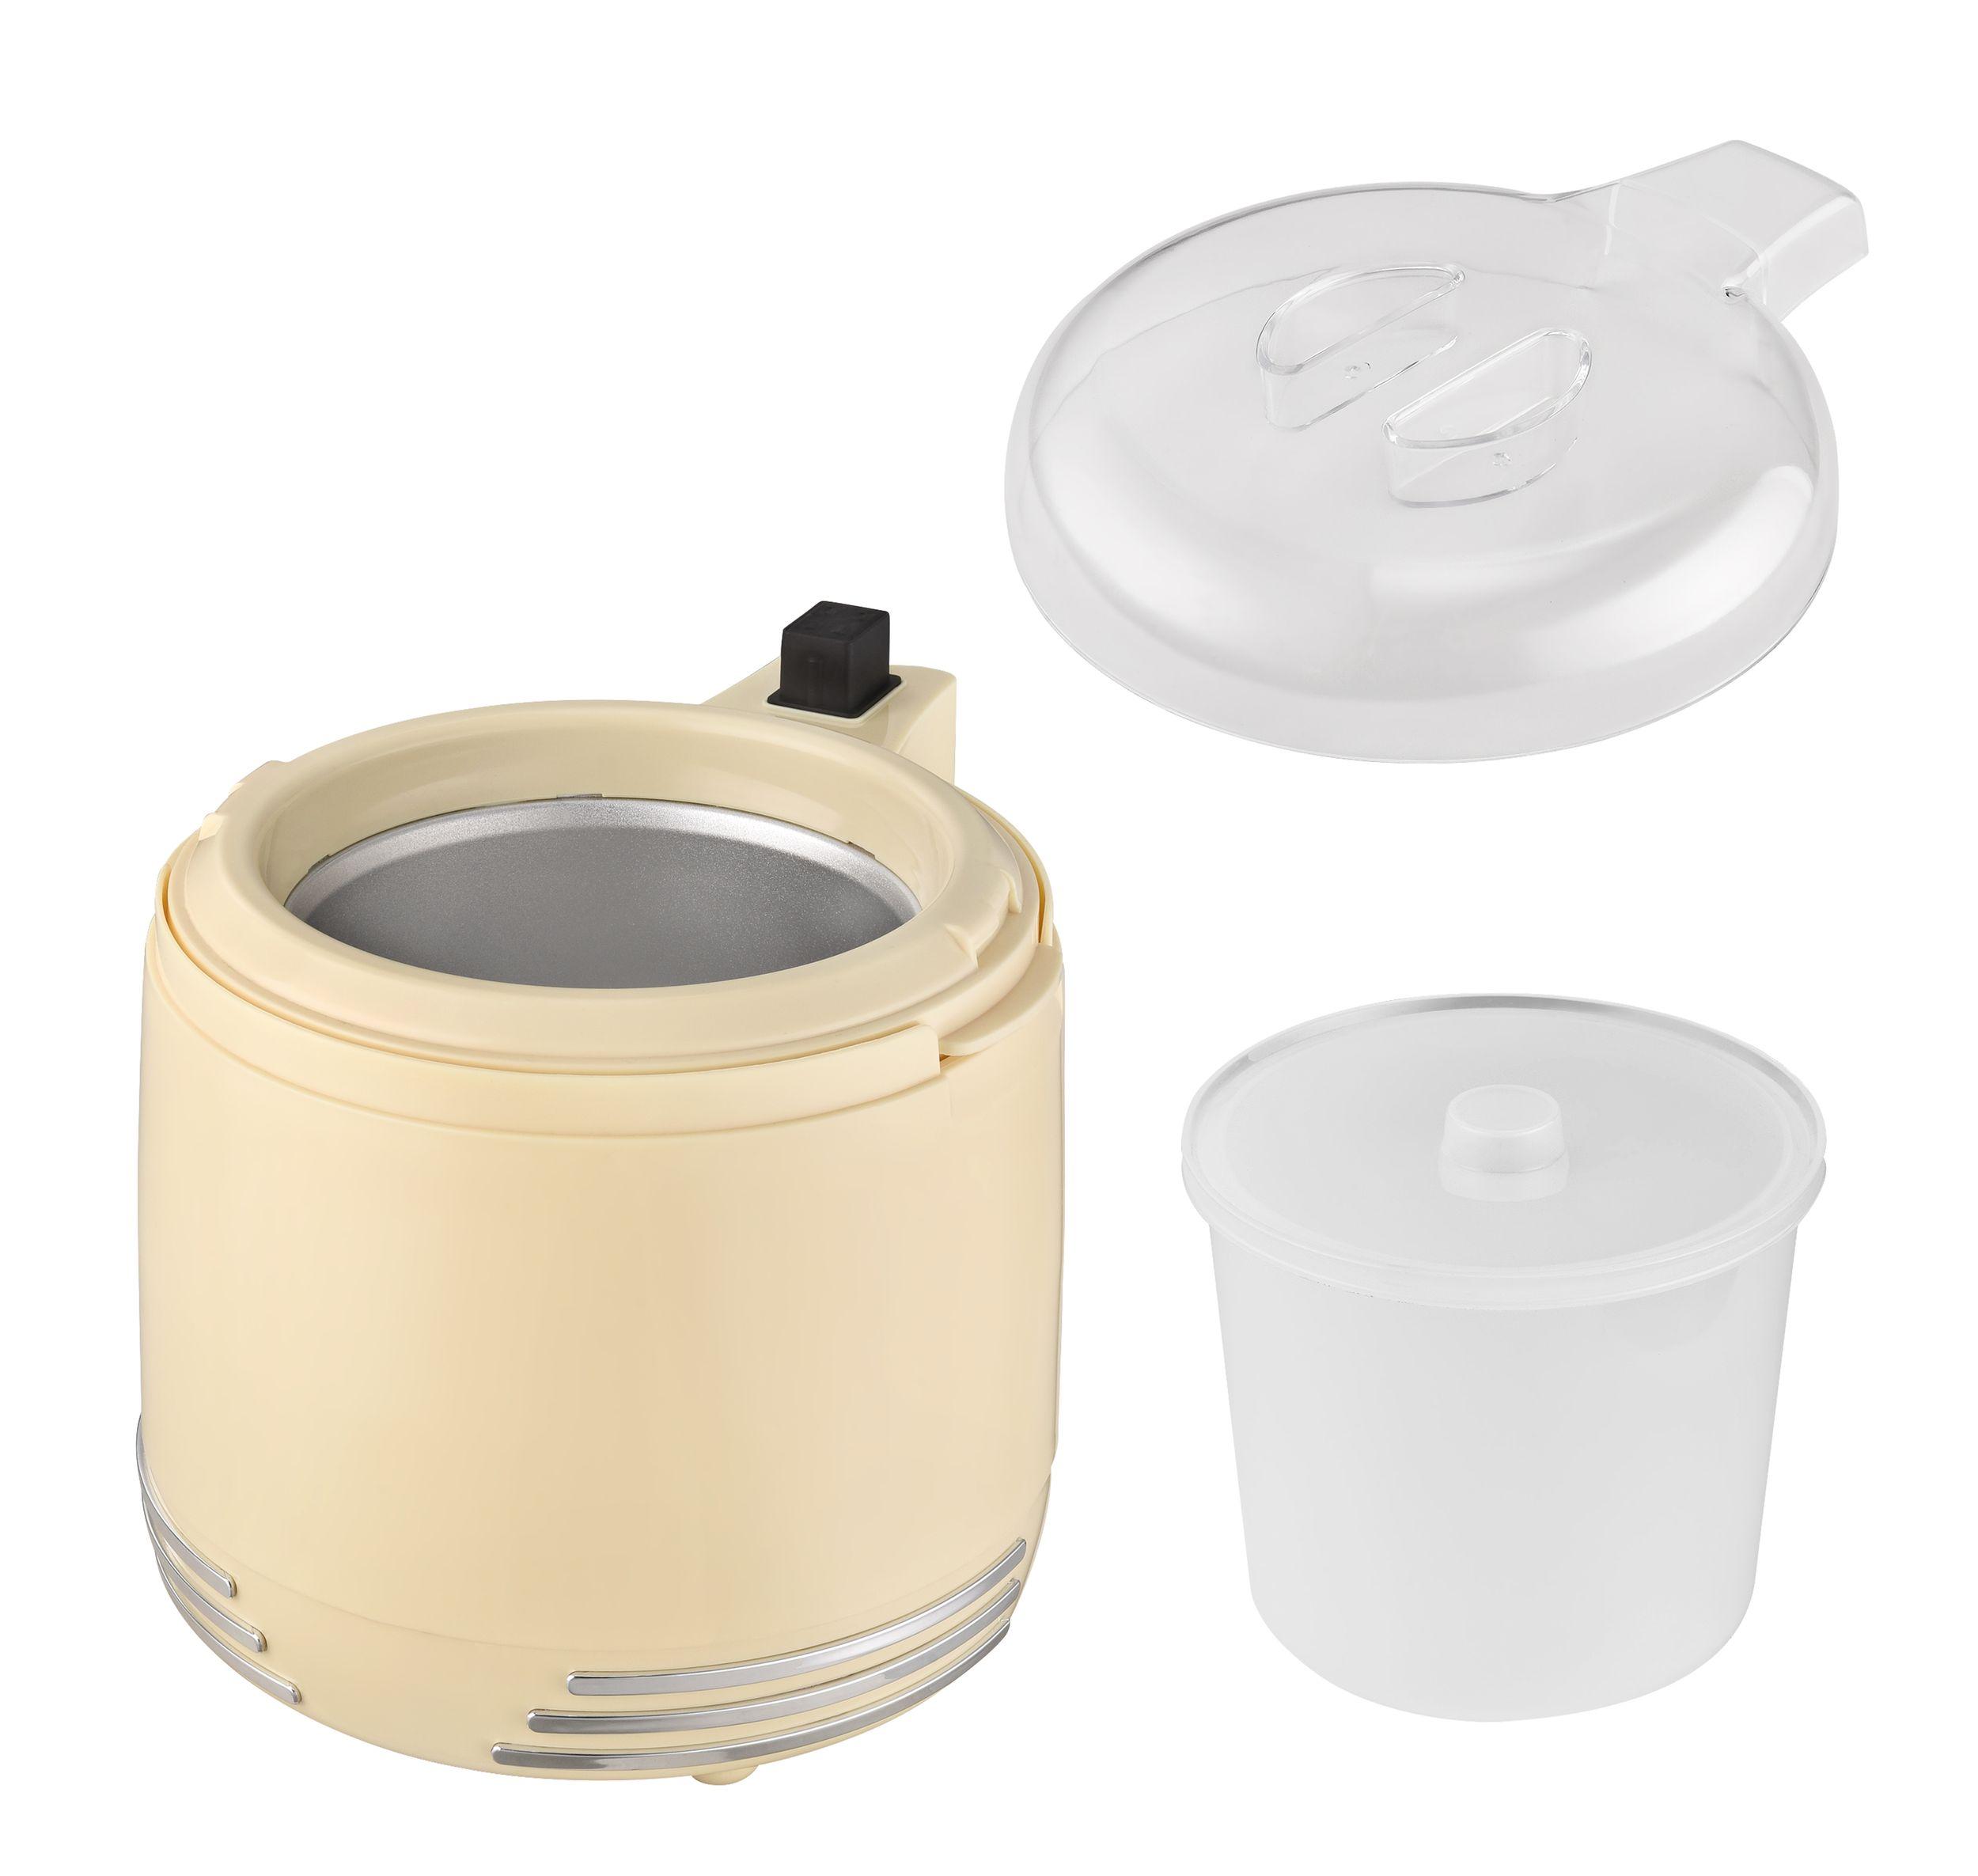 2 in 1 Retro Eismaschine Joghurtbereiter Eiscreme Joghurt Maker Kühlgefäß creme-weiß NEU 15 W *93053 Bild 8